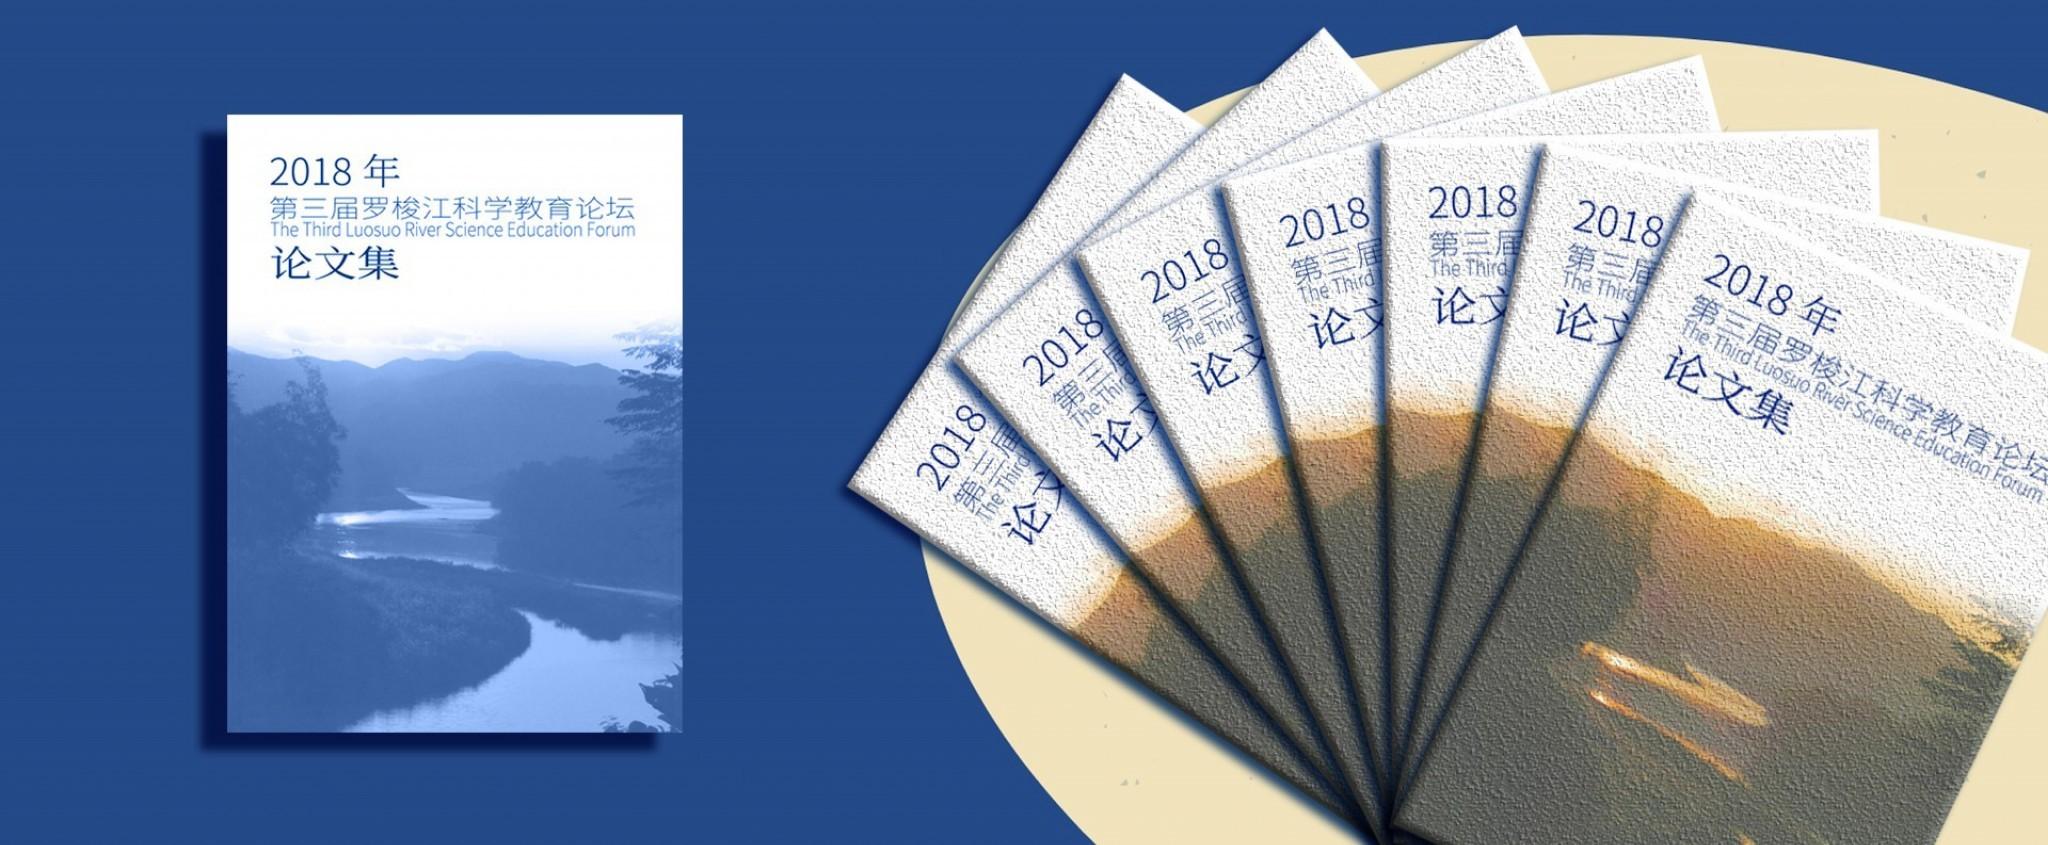 《第三届罗梭江科学教育论坛论文集》在线发布